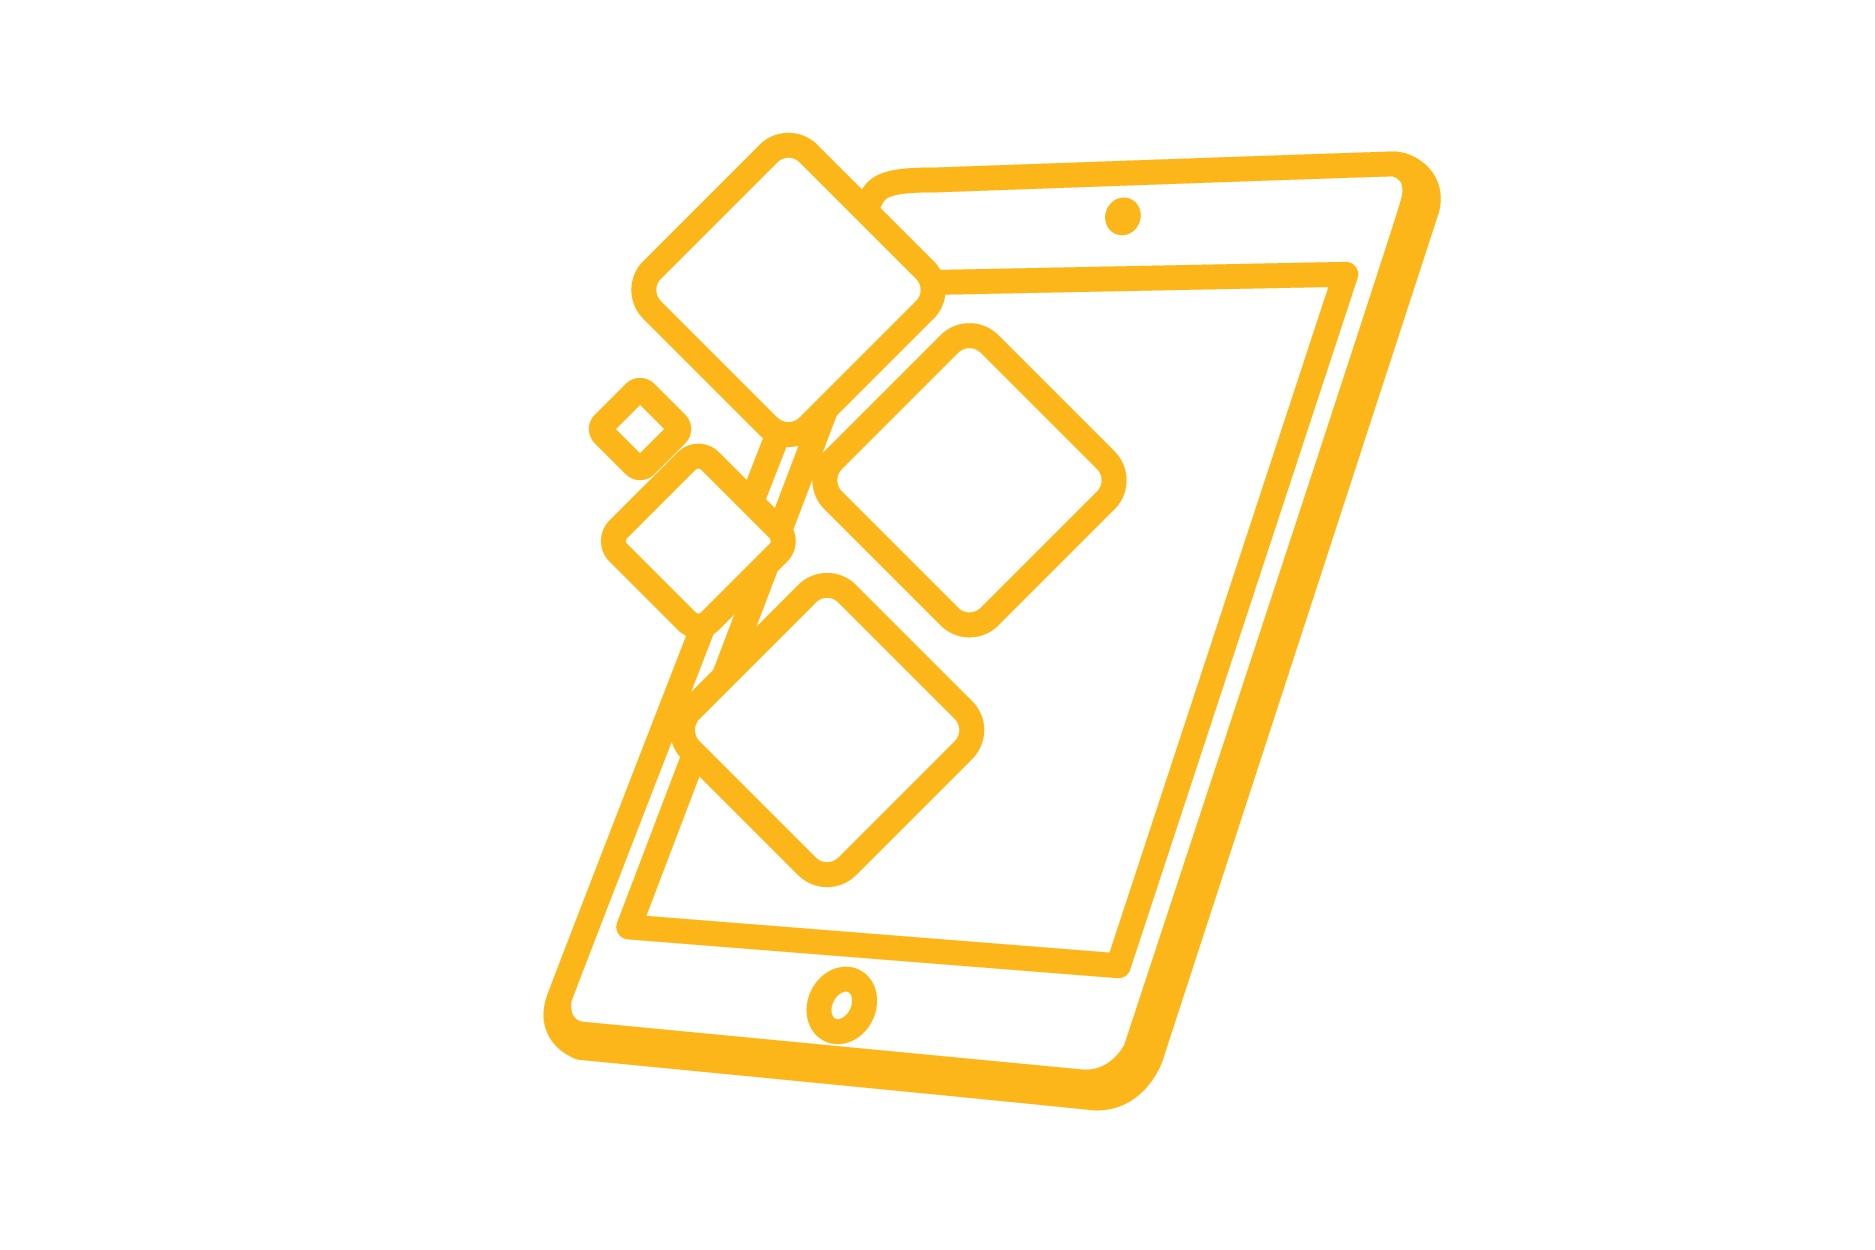 tablet-01-01.jpg